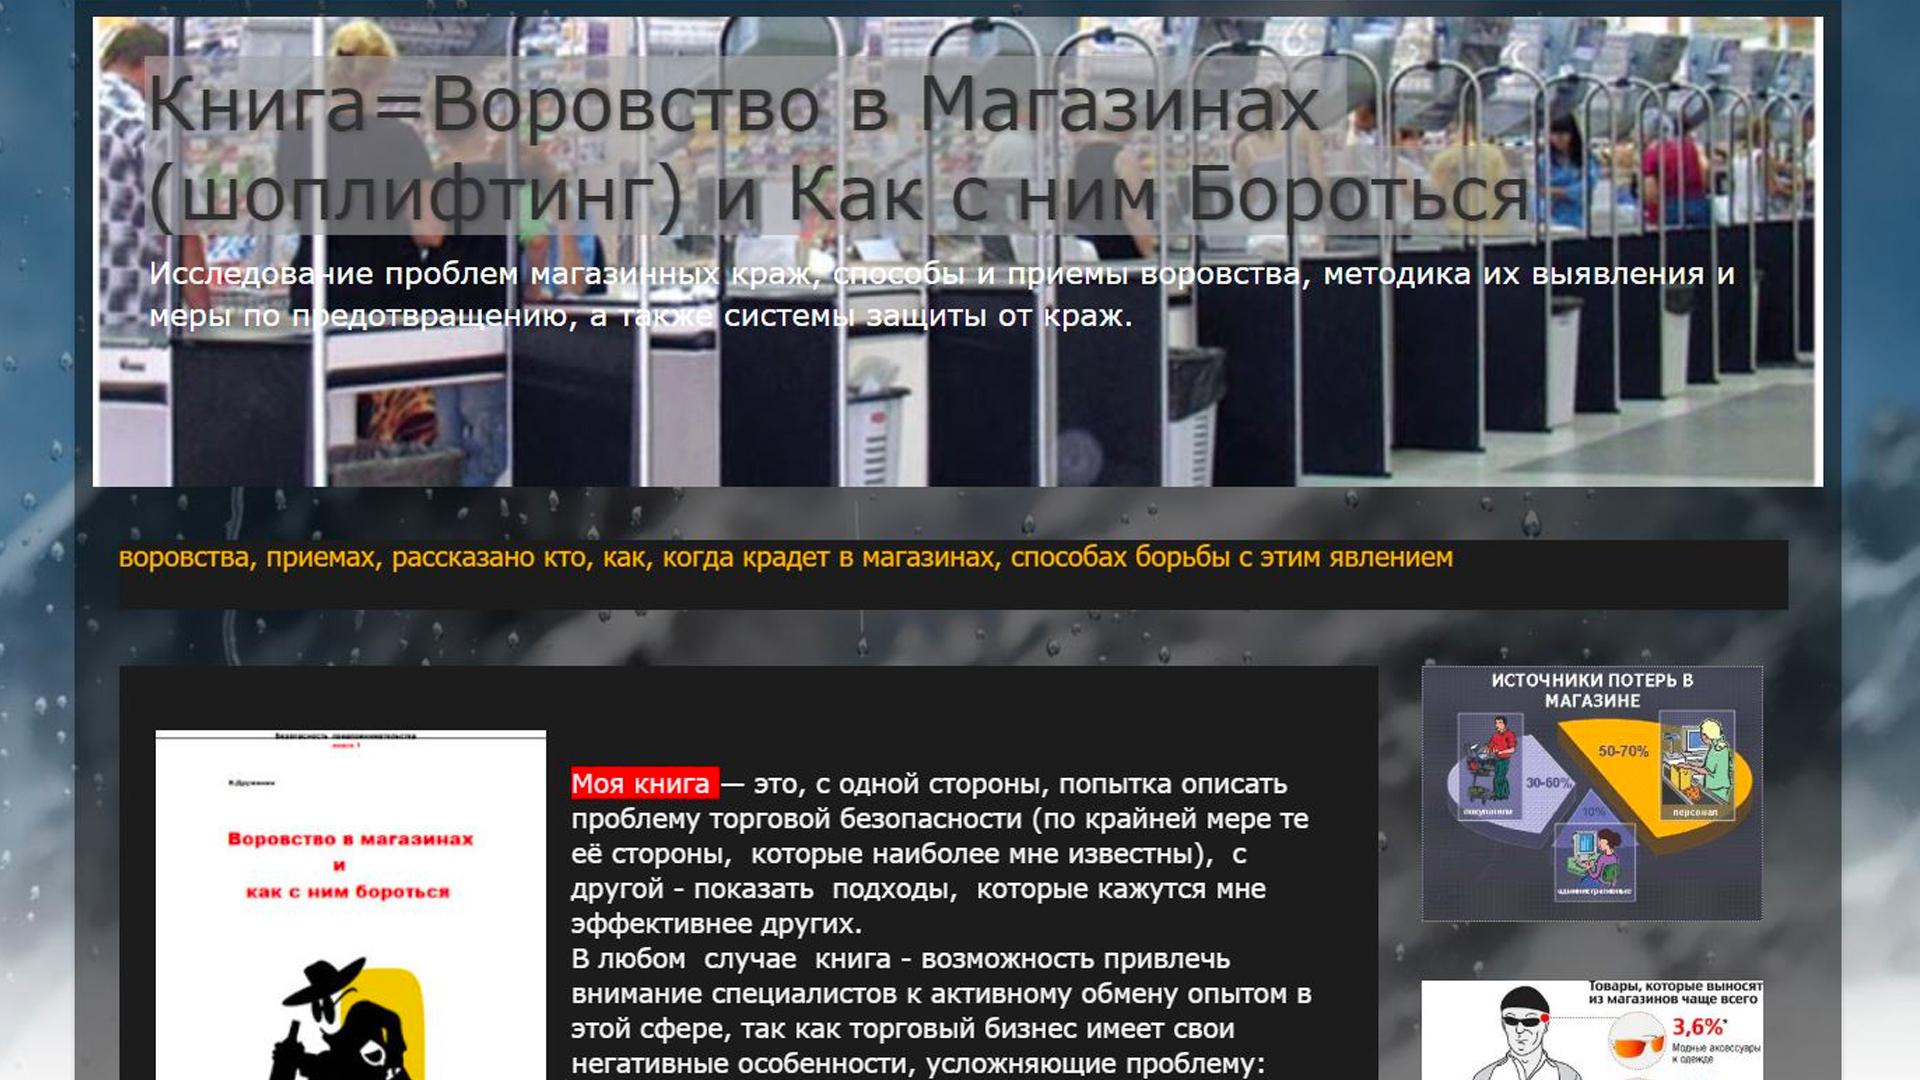 Шахрайський сайт, що виманює гроші під приводом продажу книги «Воровство в Магазинах (шоплифтинг) и Как с ним Бороться»